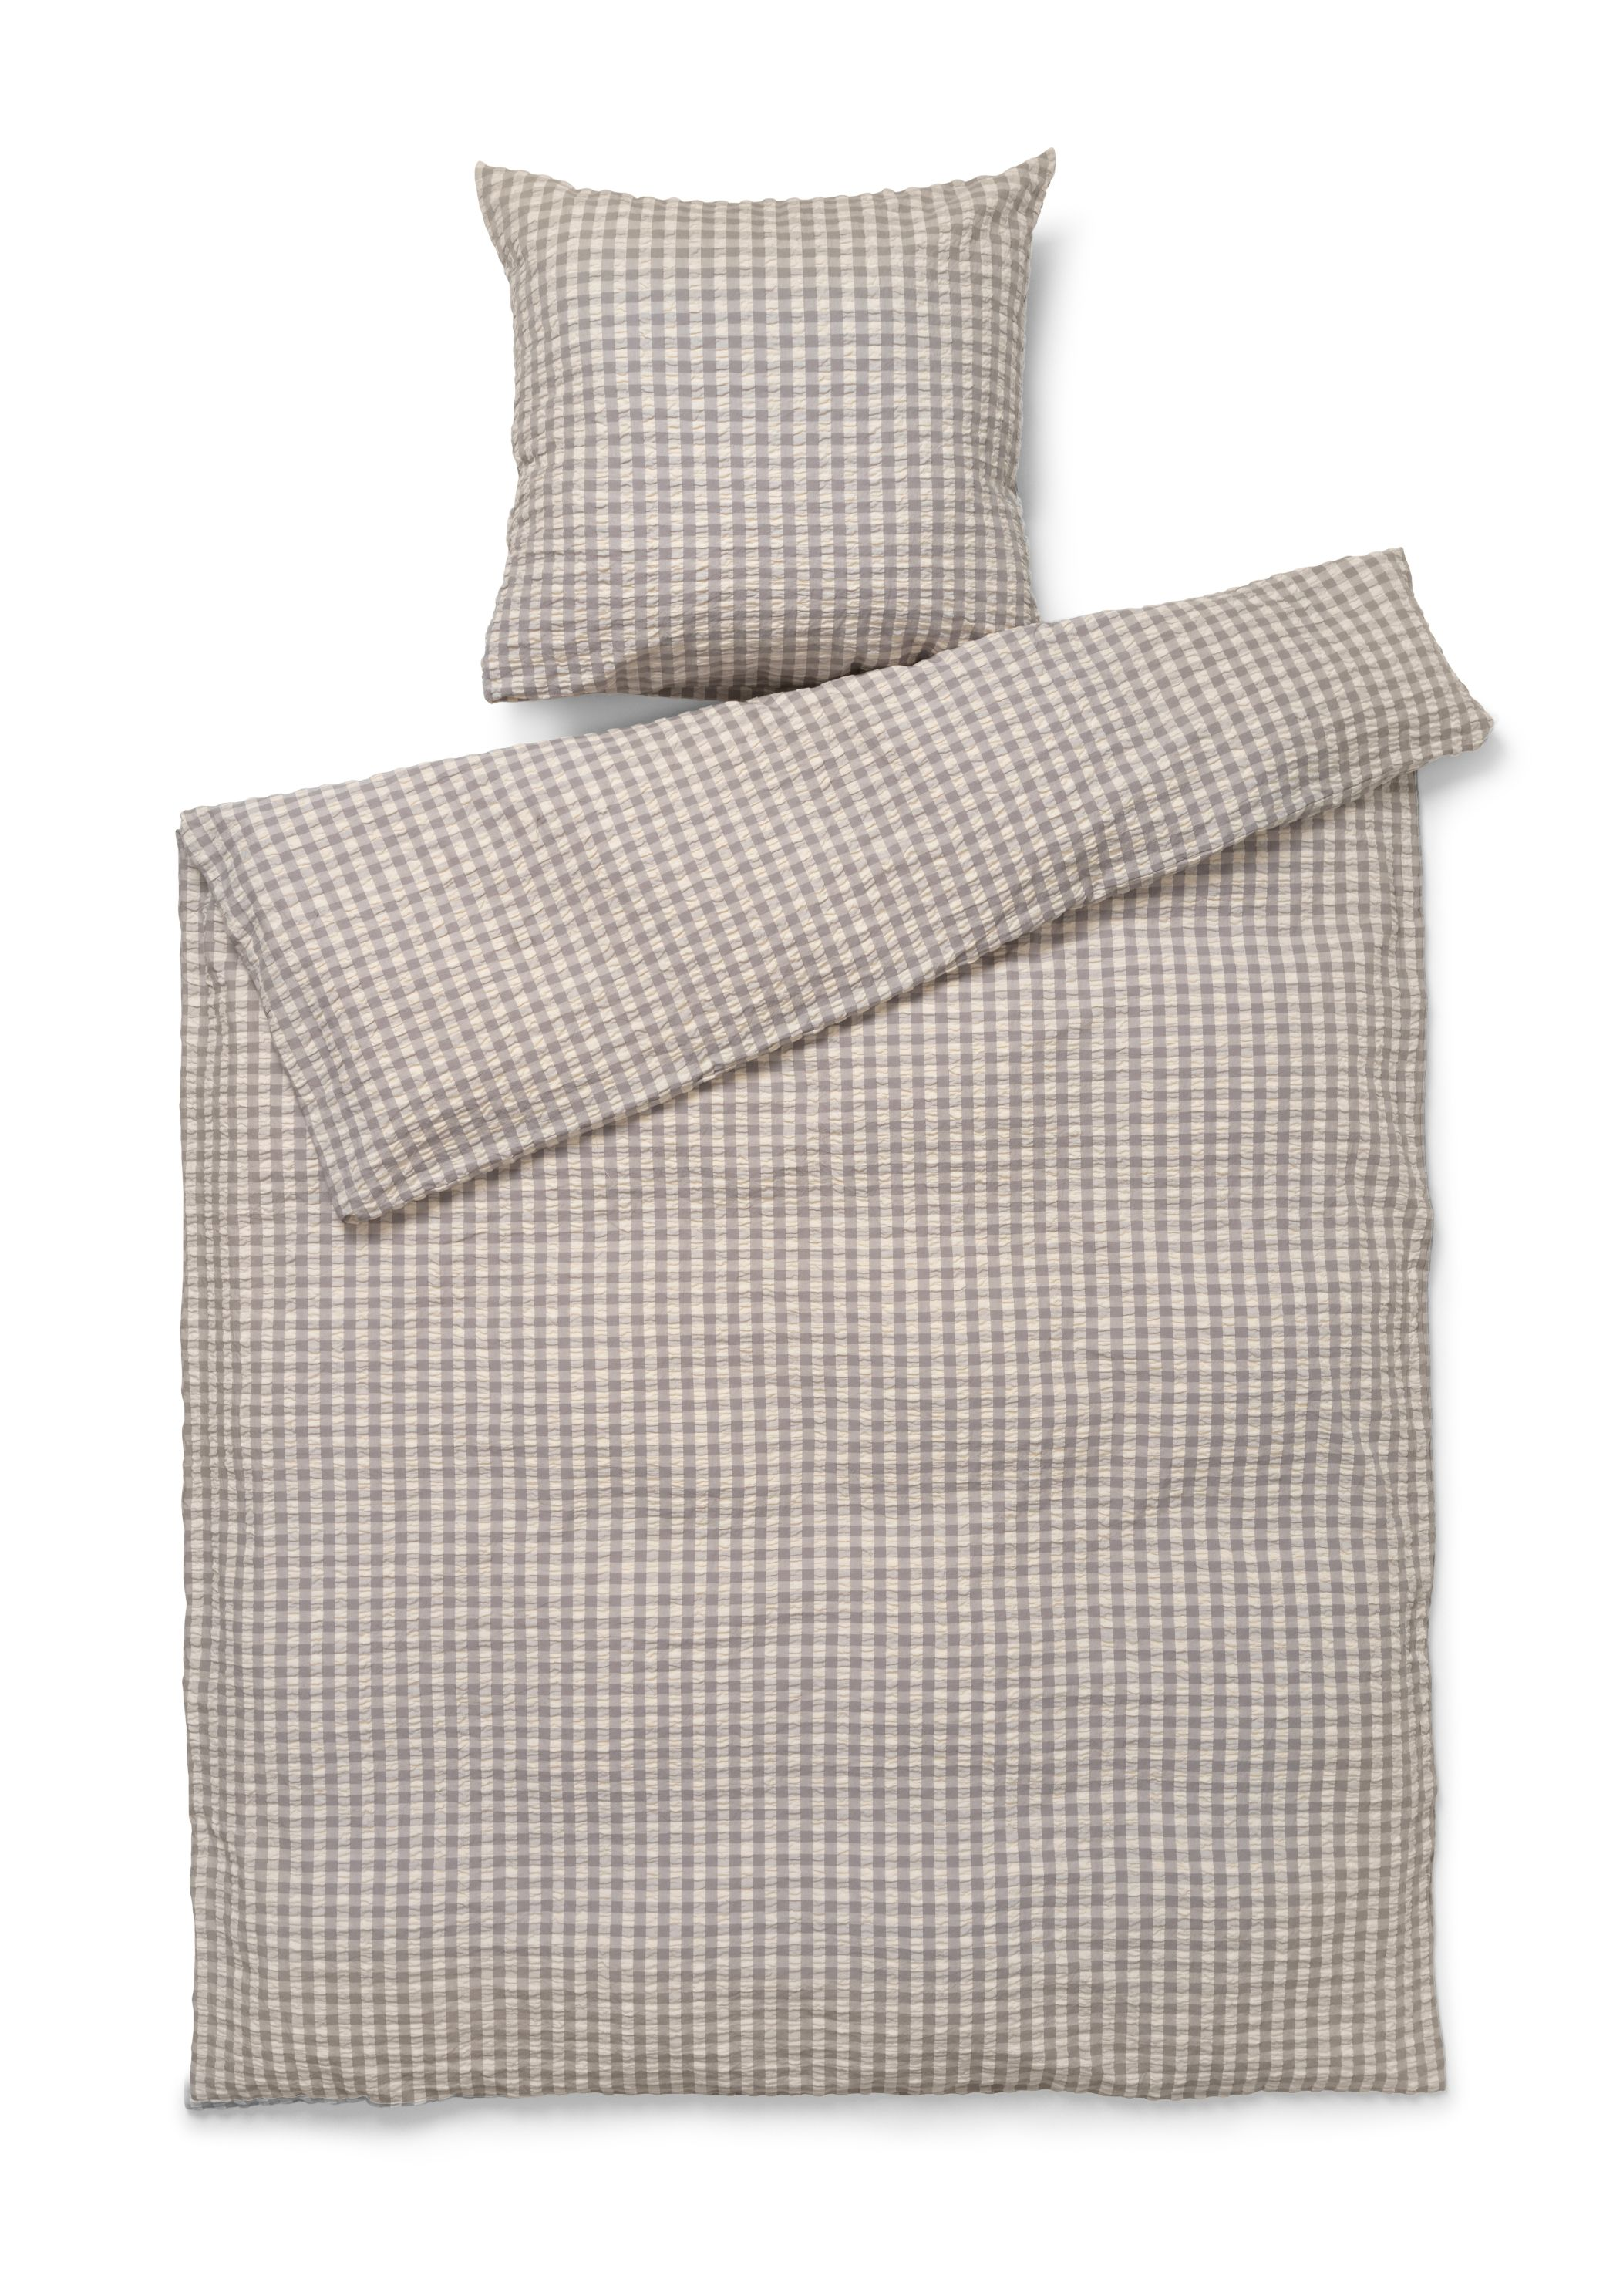 Juna Bæk&Bølge sengelinned, 140x220 cm, grå/birk